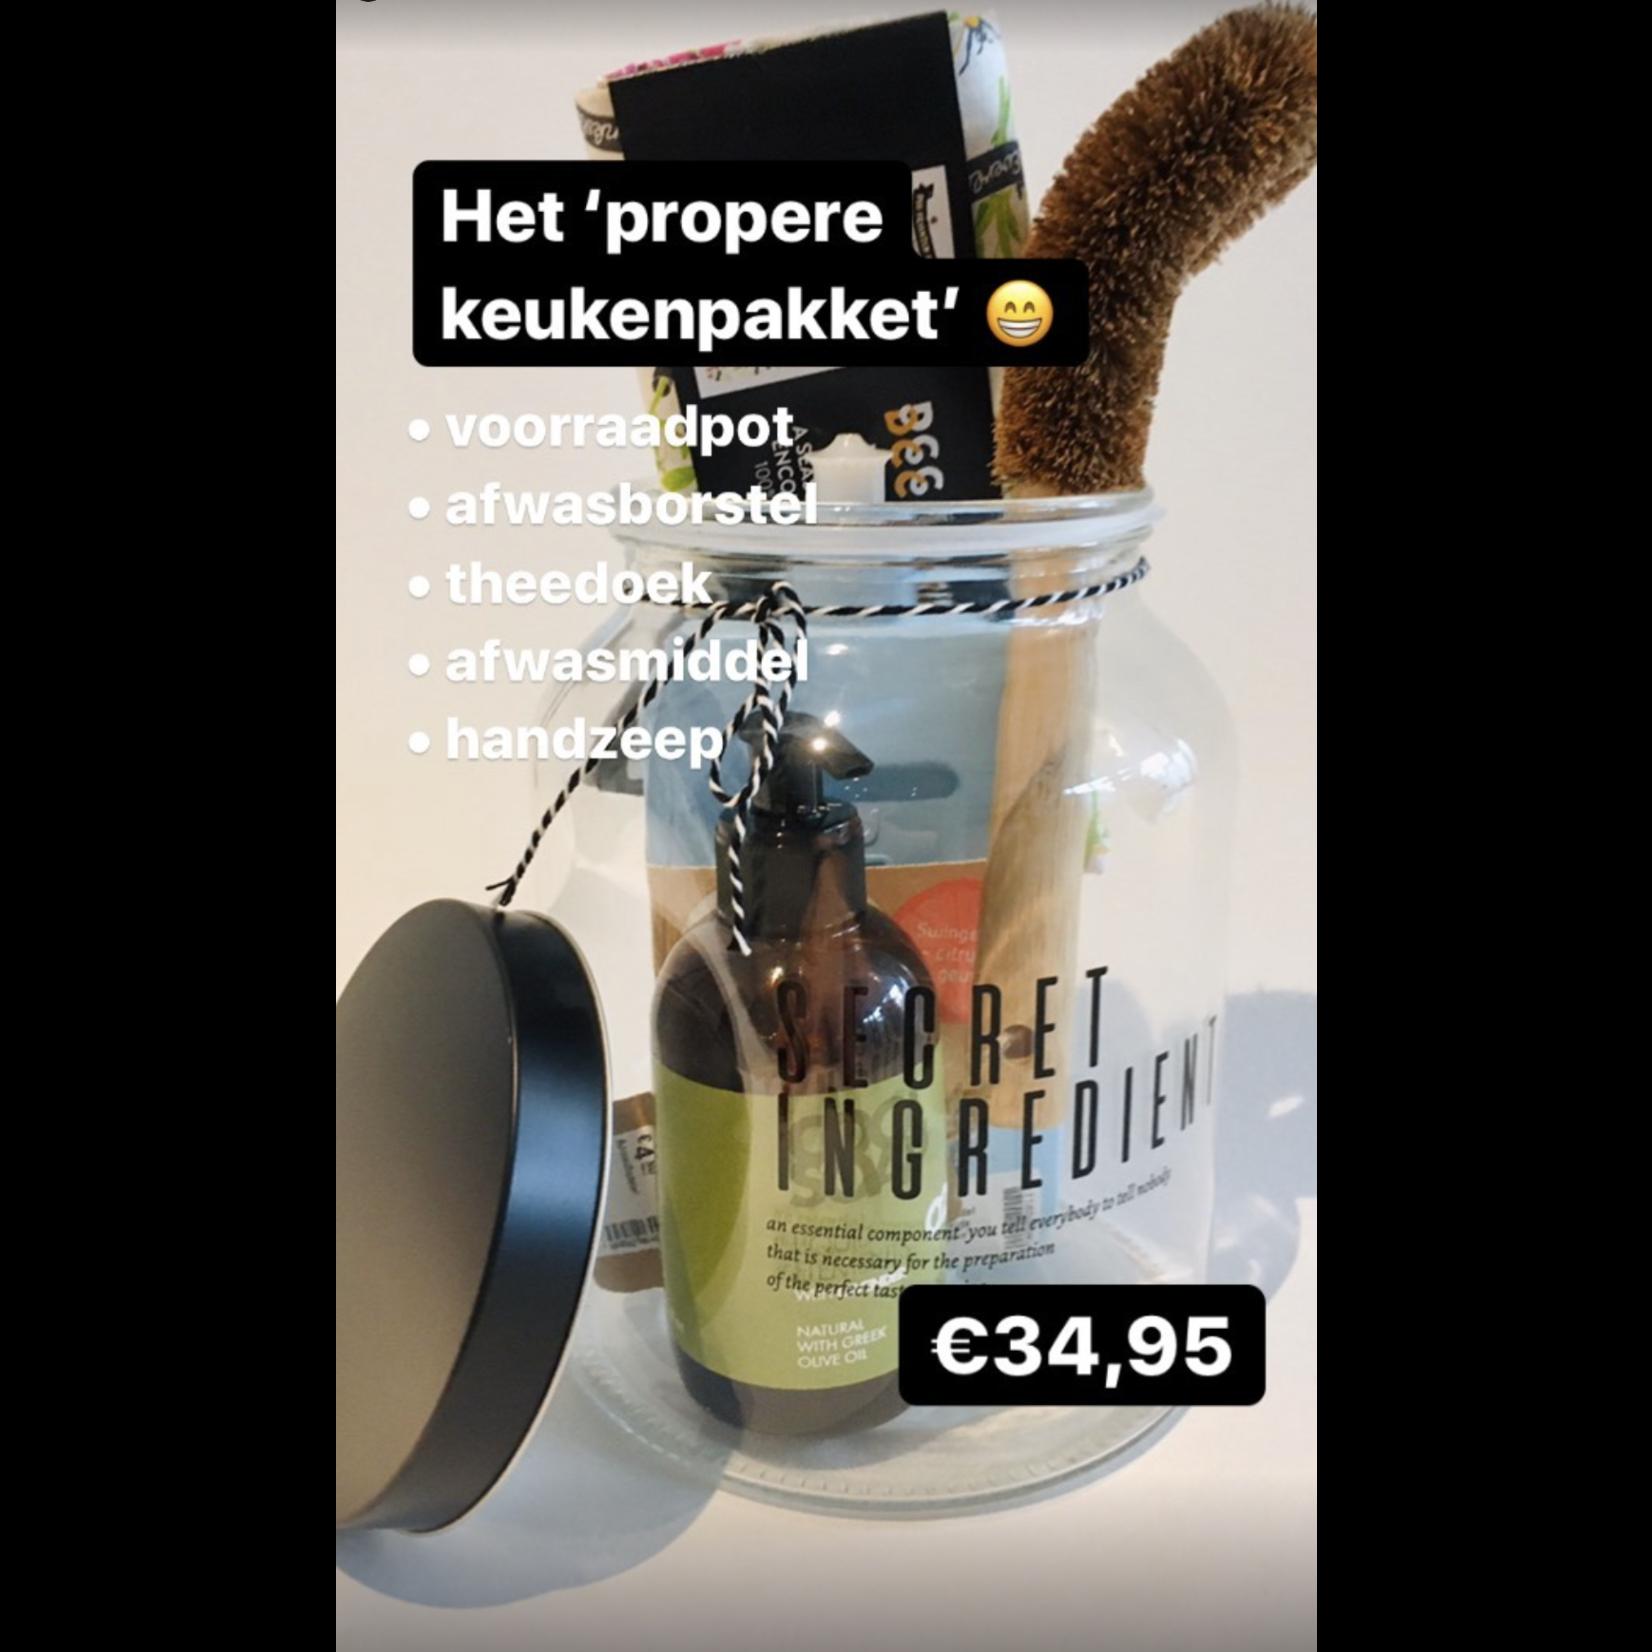 Het 'propere-keuken' pakket